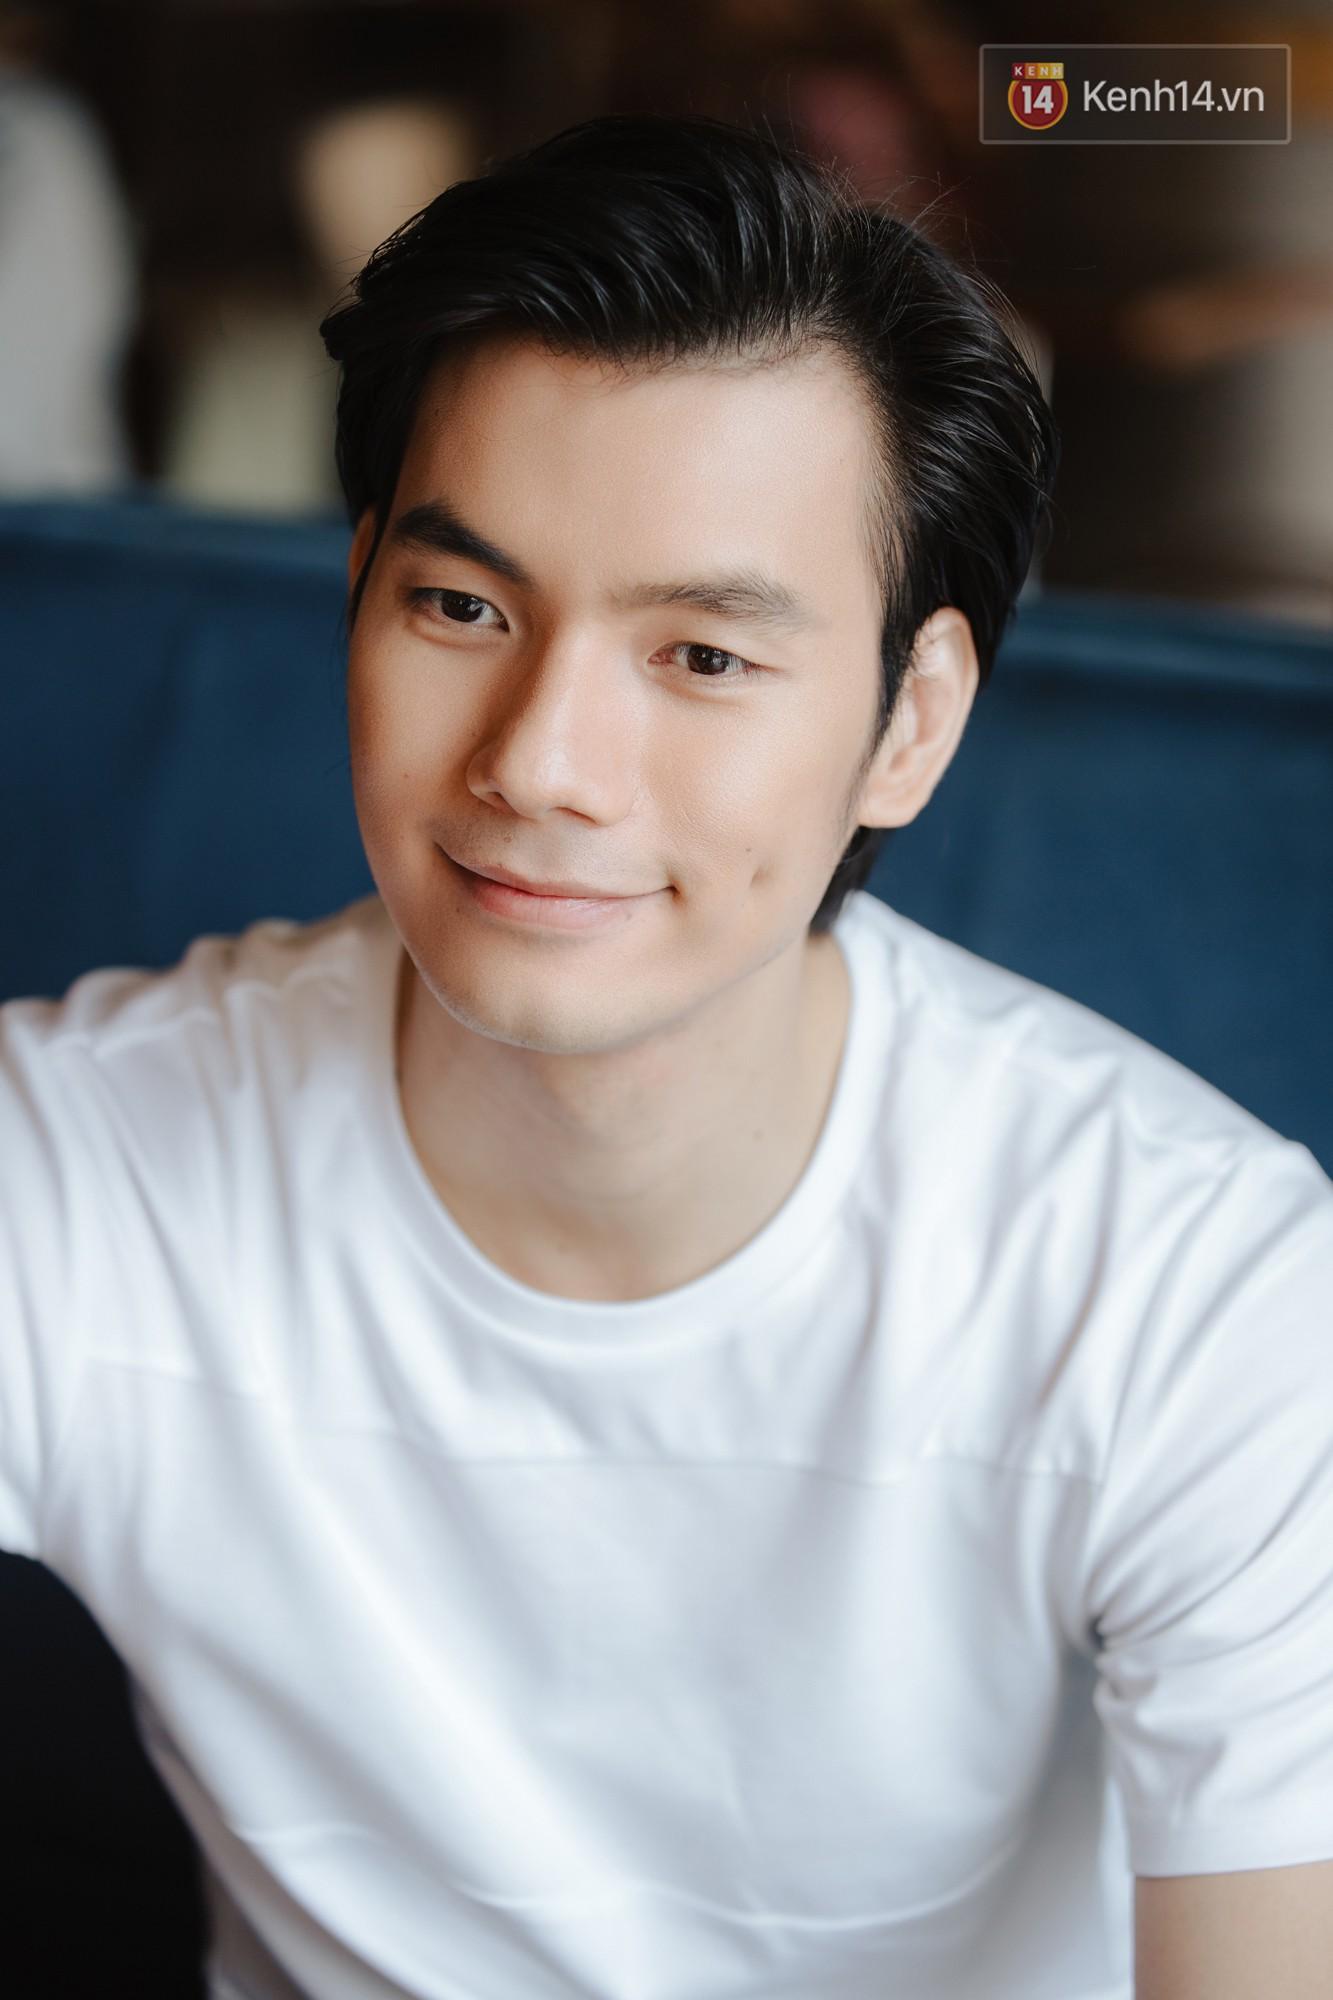 Nhan Phúc Vinh ám ảnh biến cố 10 năm với đạo diễn Nguyễn Quang Dũng: Tôi khóc như mưa ngay giữa quán nhậu - Ảnh 6.